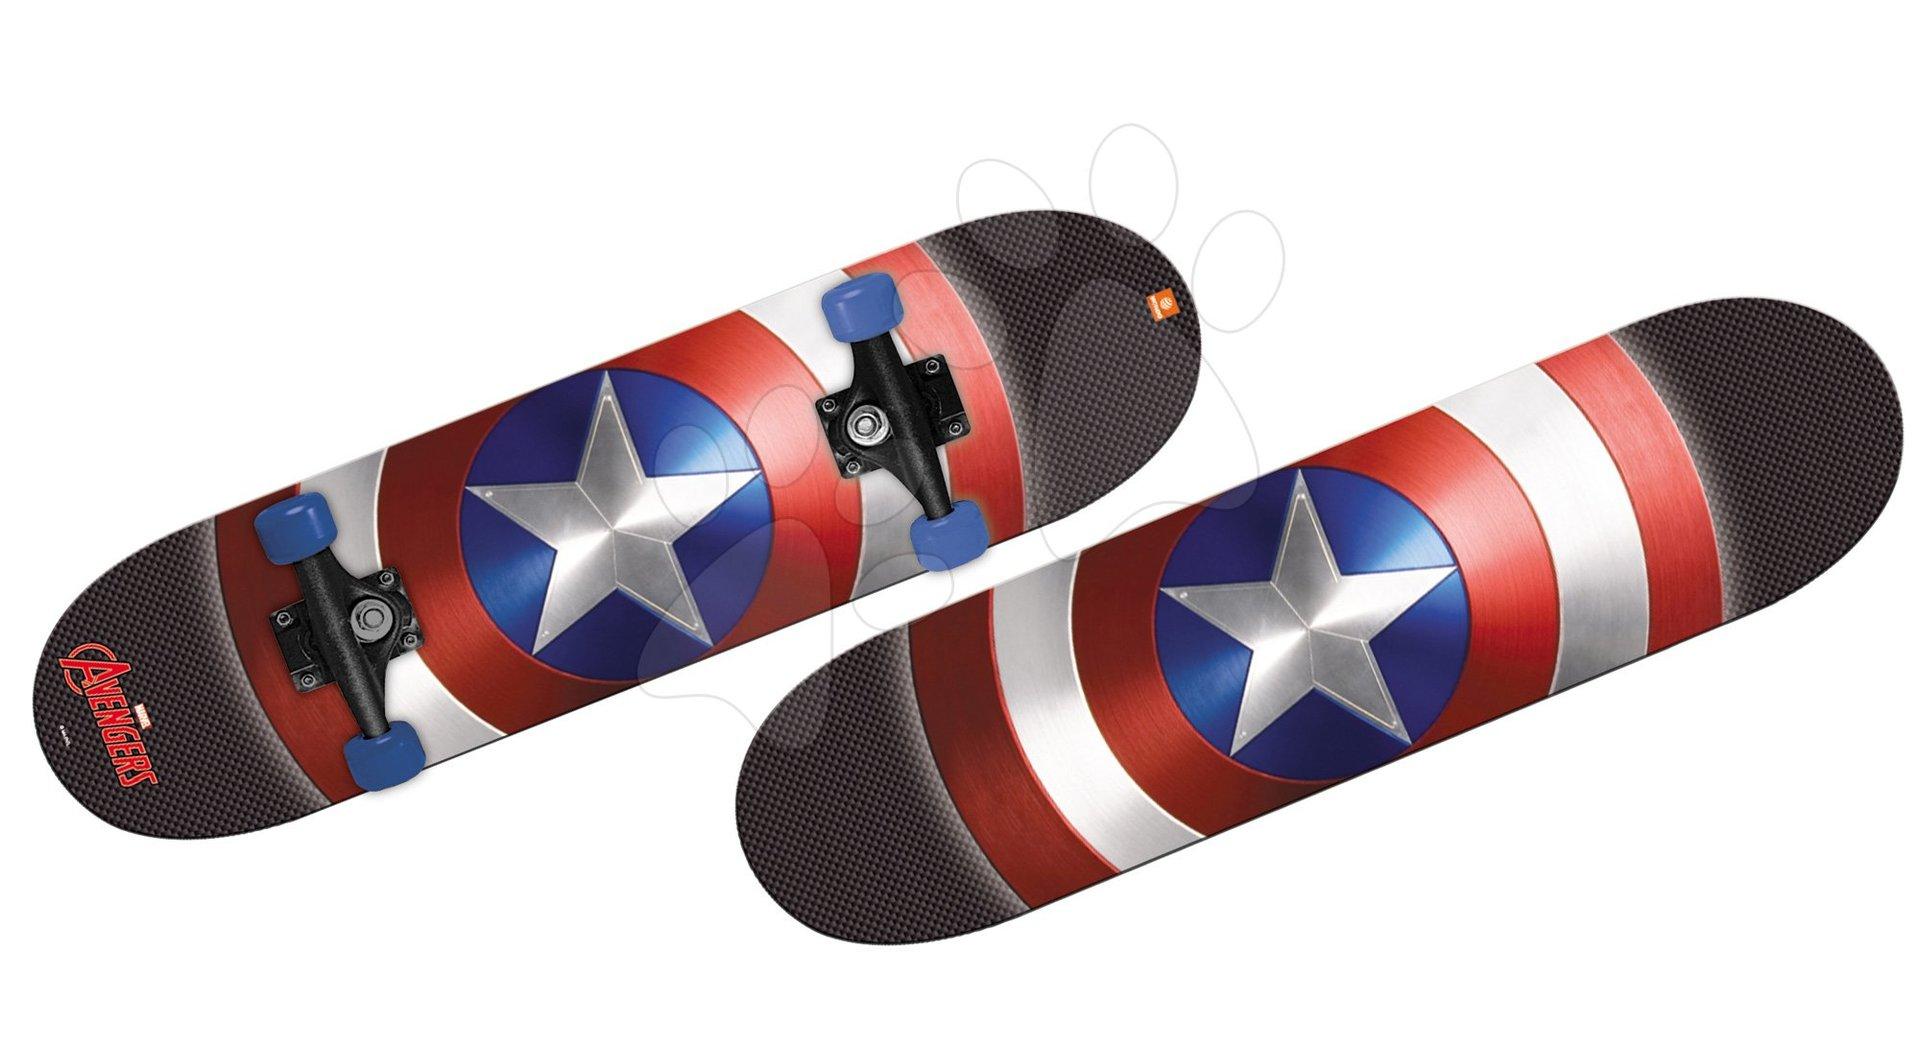 Dječji skateboardovi  - MONDO 28099 skateboard Avengers 80*20 cm, 2-stranná potlač, 9 Layers, PVC 50*36 mm, PP 5